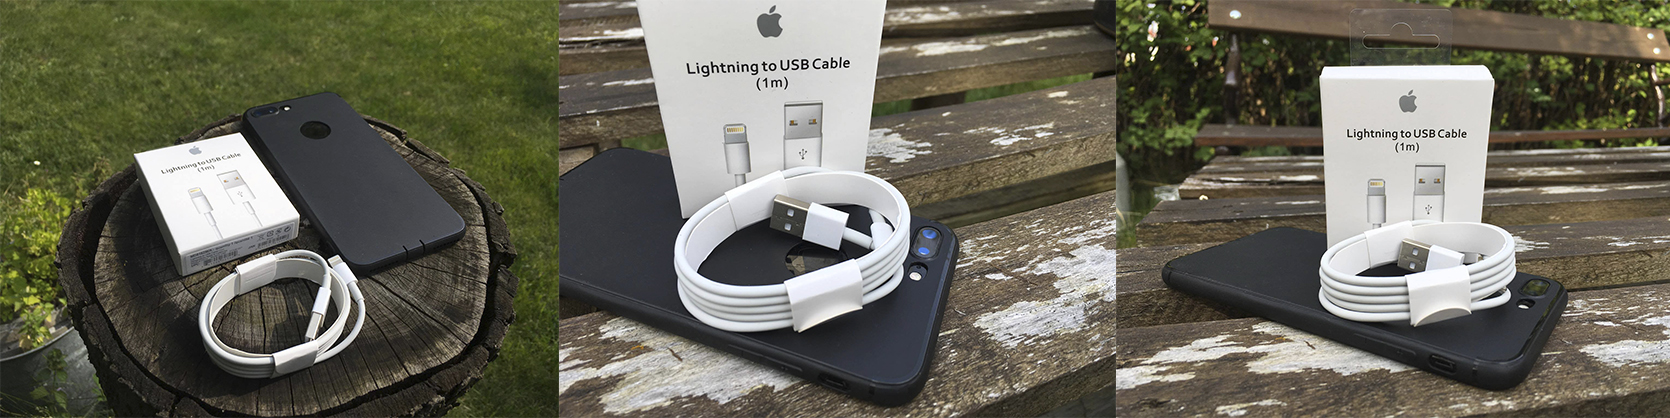 tvrzeny sklo lightning kabel